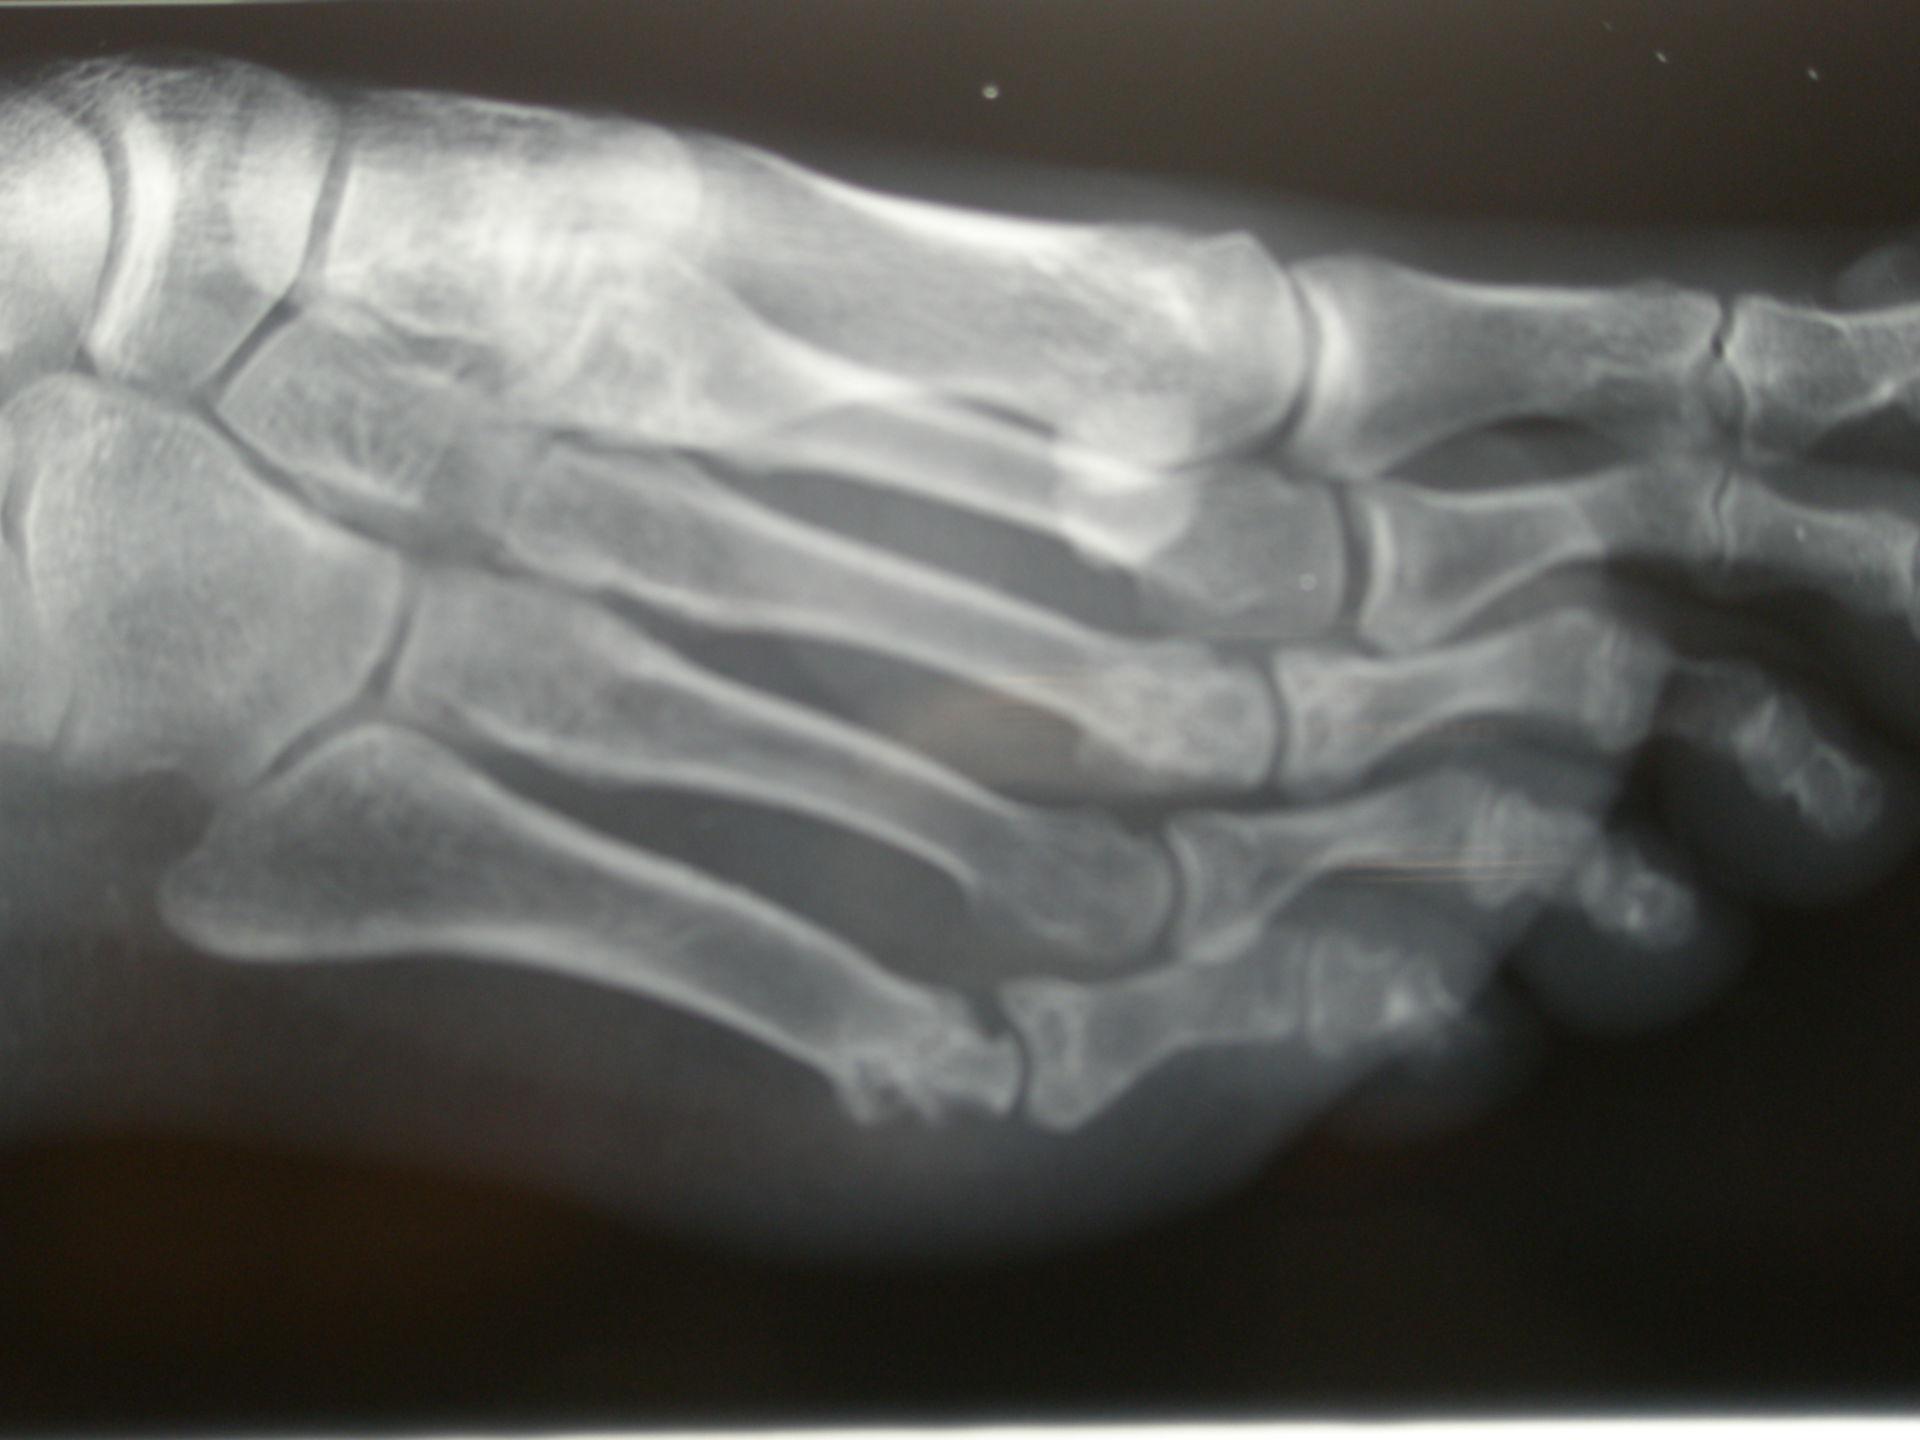 Erosione del quinto metacarpo nell'artrite reumatoide